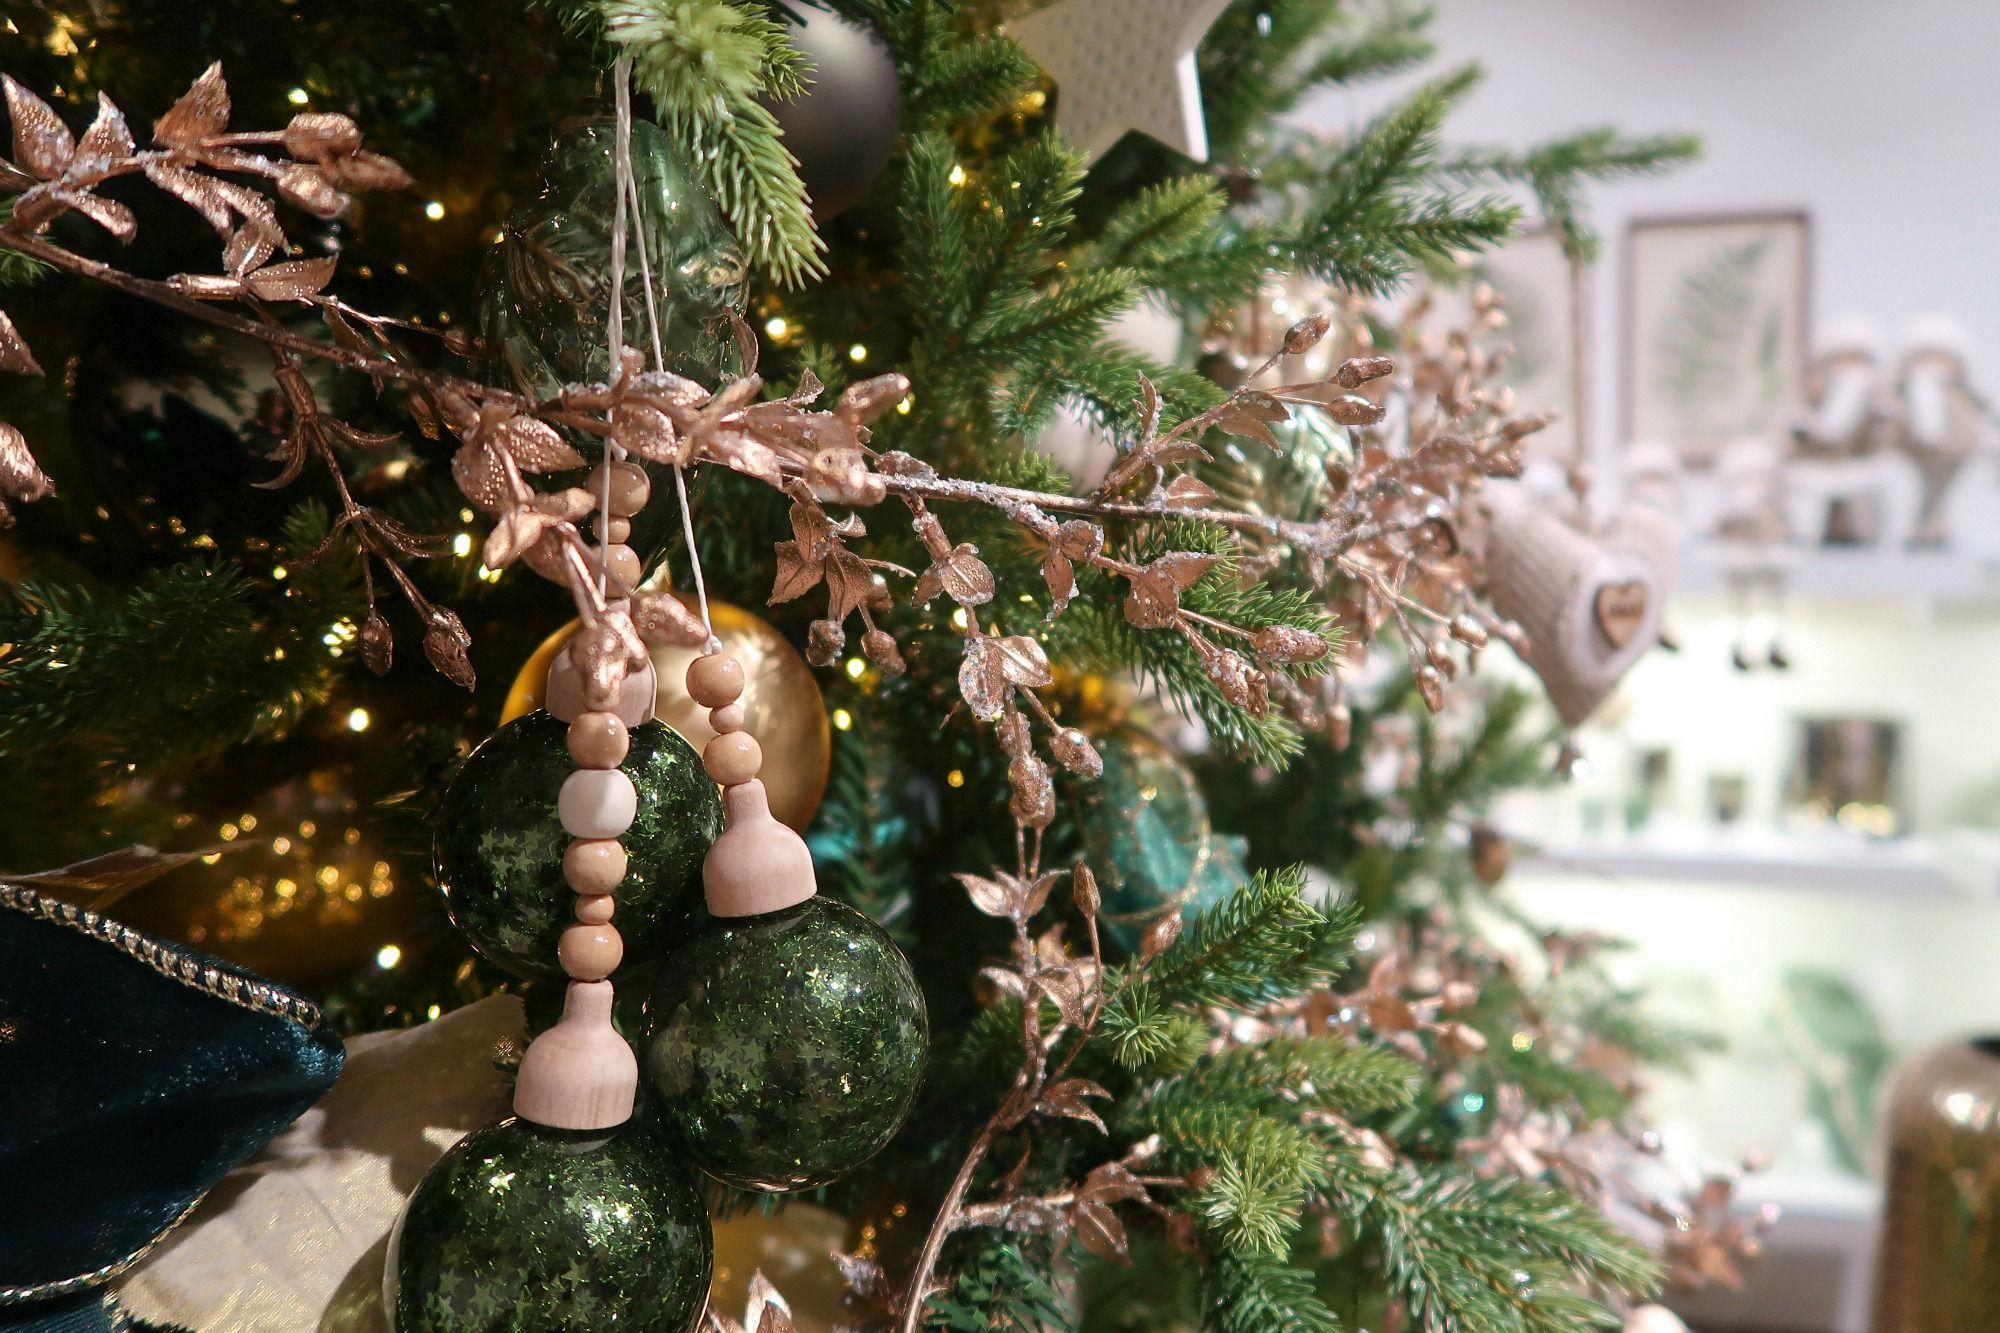 Je kerstboom versieren als een pro? 11 tips van stylisten! - Christmaholic #kerstboomversieringen2019